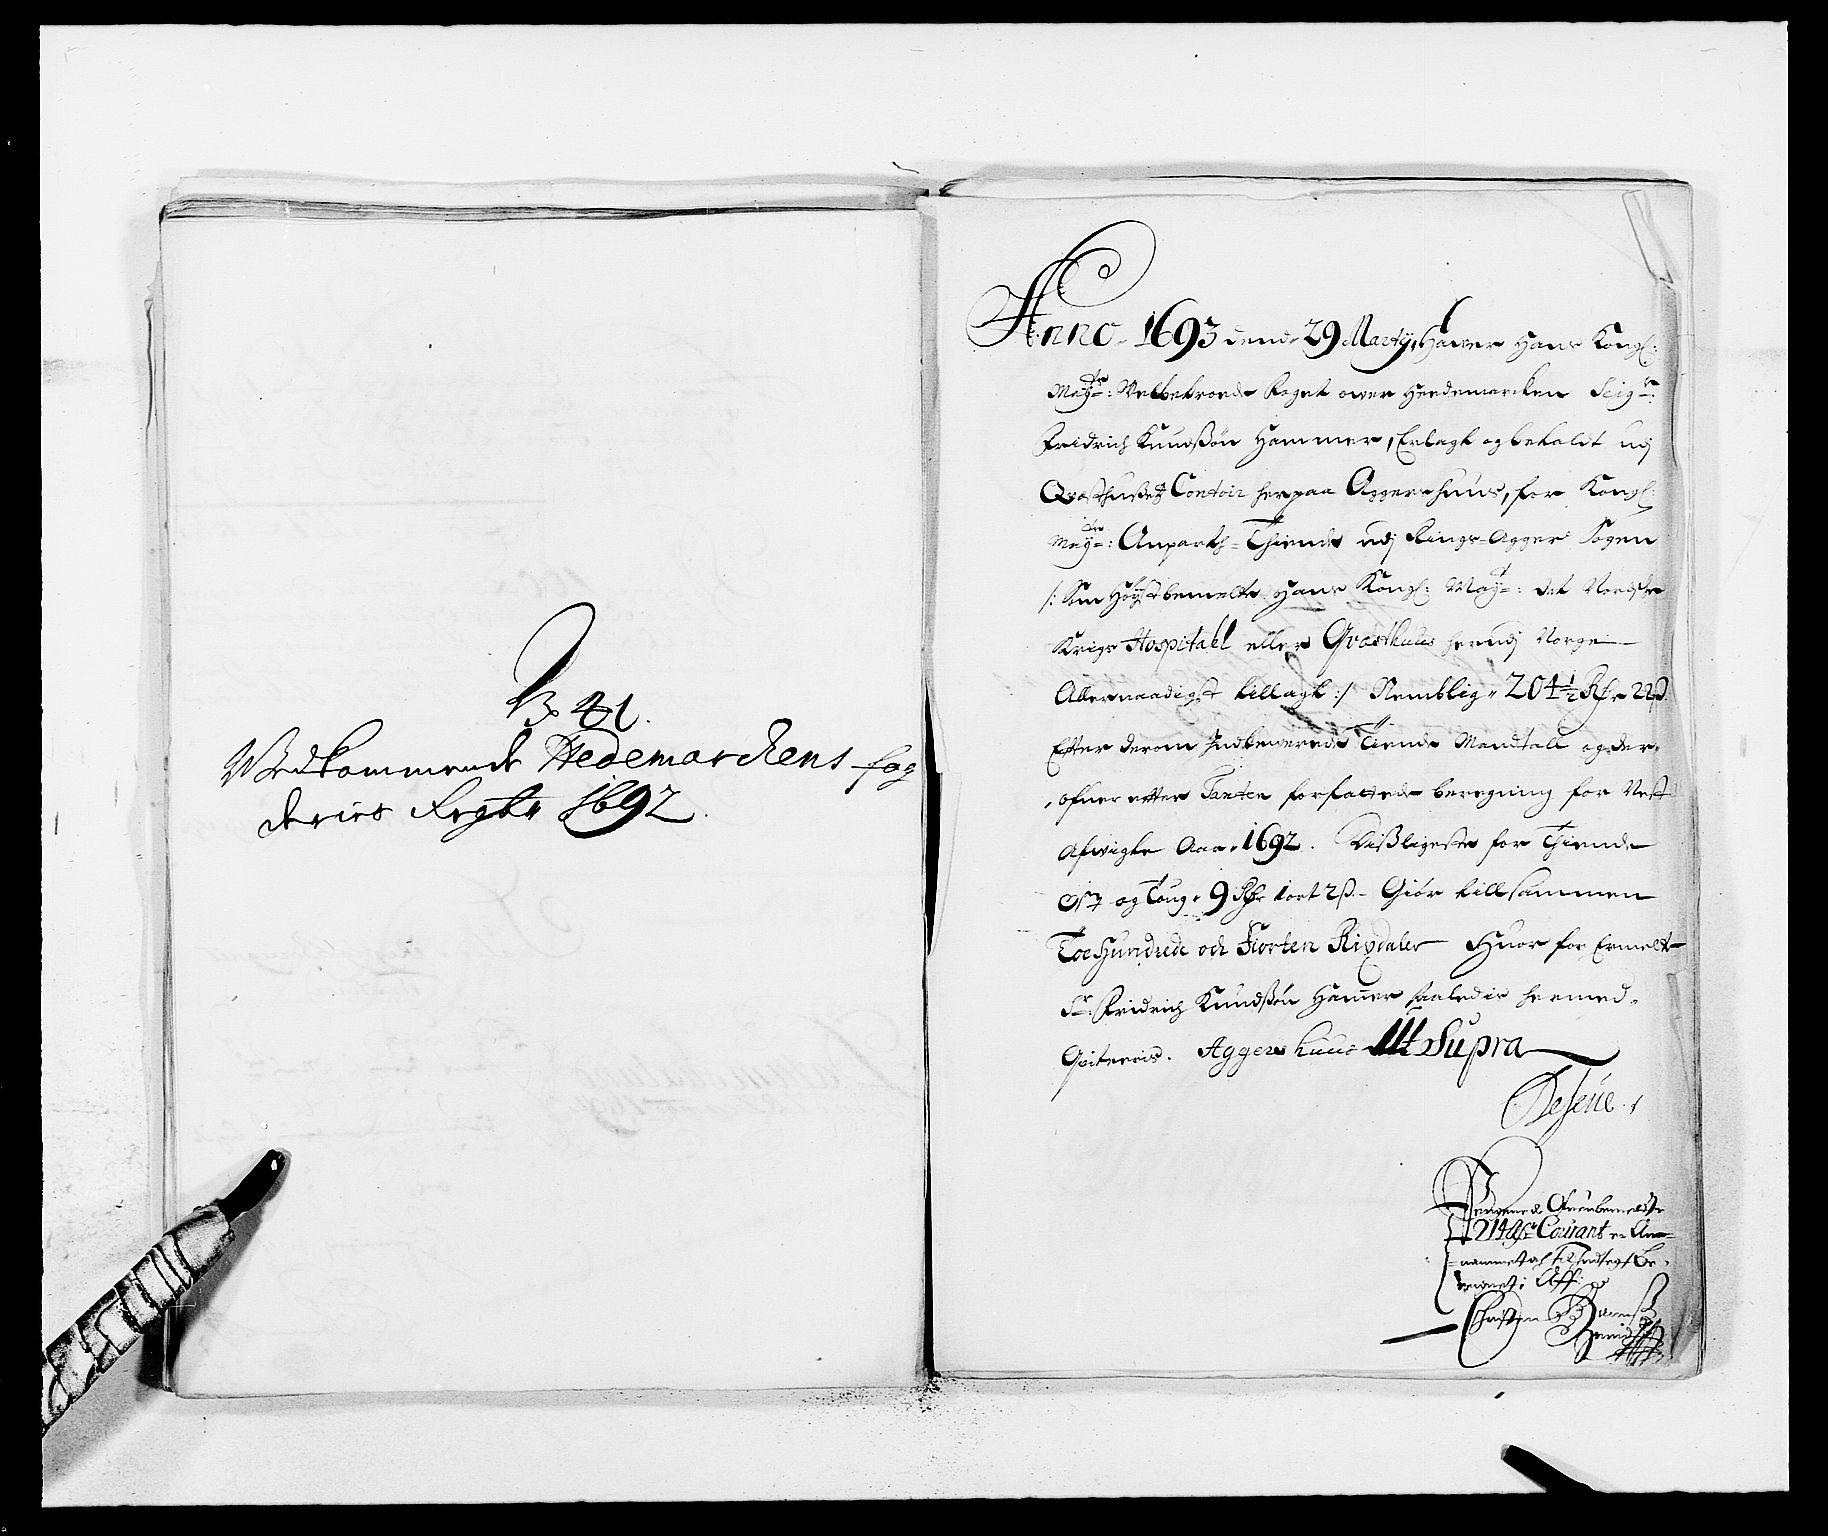 RA, Rentekammeret inntil 1814, Reviderte regnskaper, Fogderegnskap, R16/L1032: Fogderegnskap Hedmark, 1689-1692, s. 101